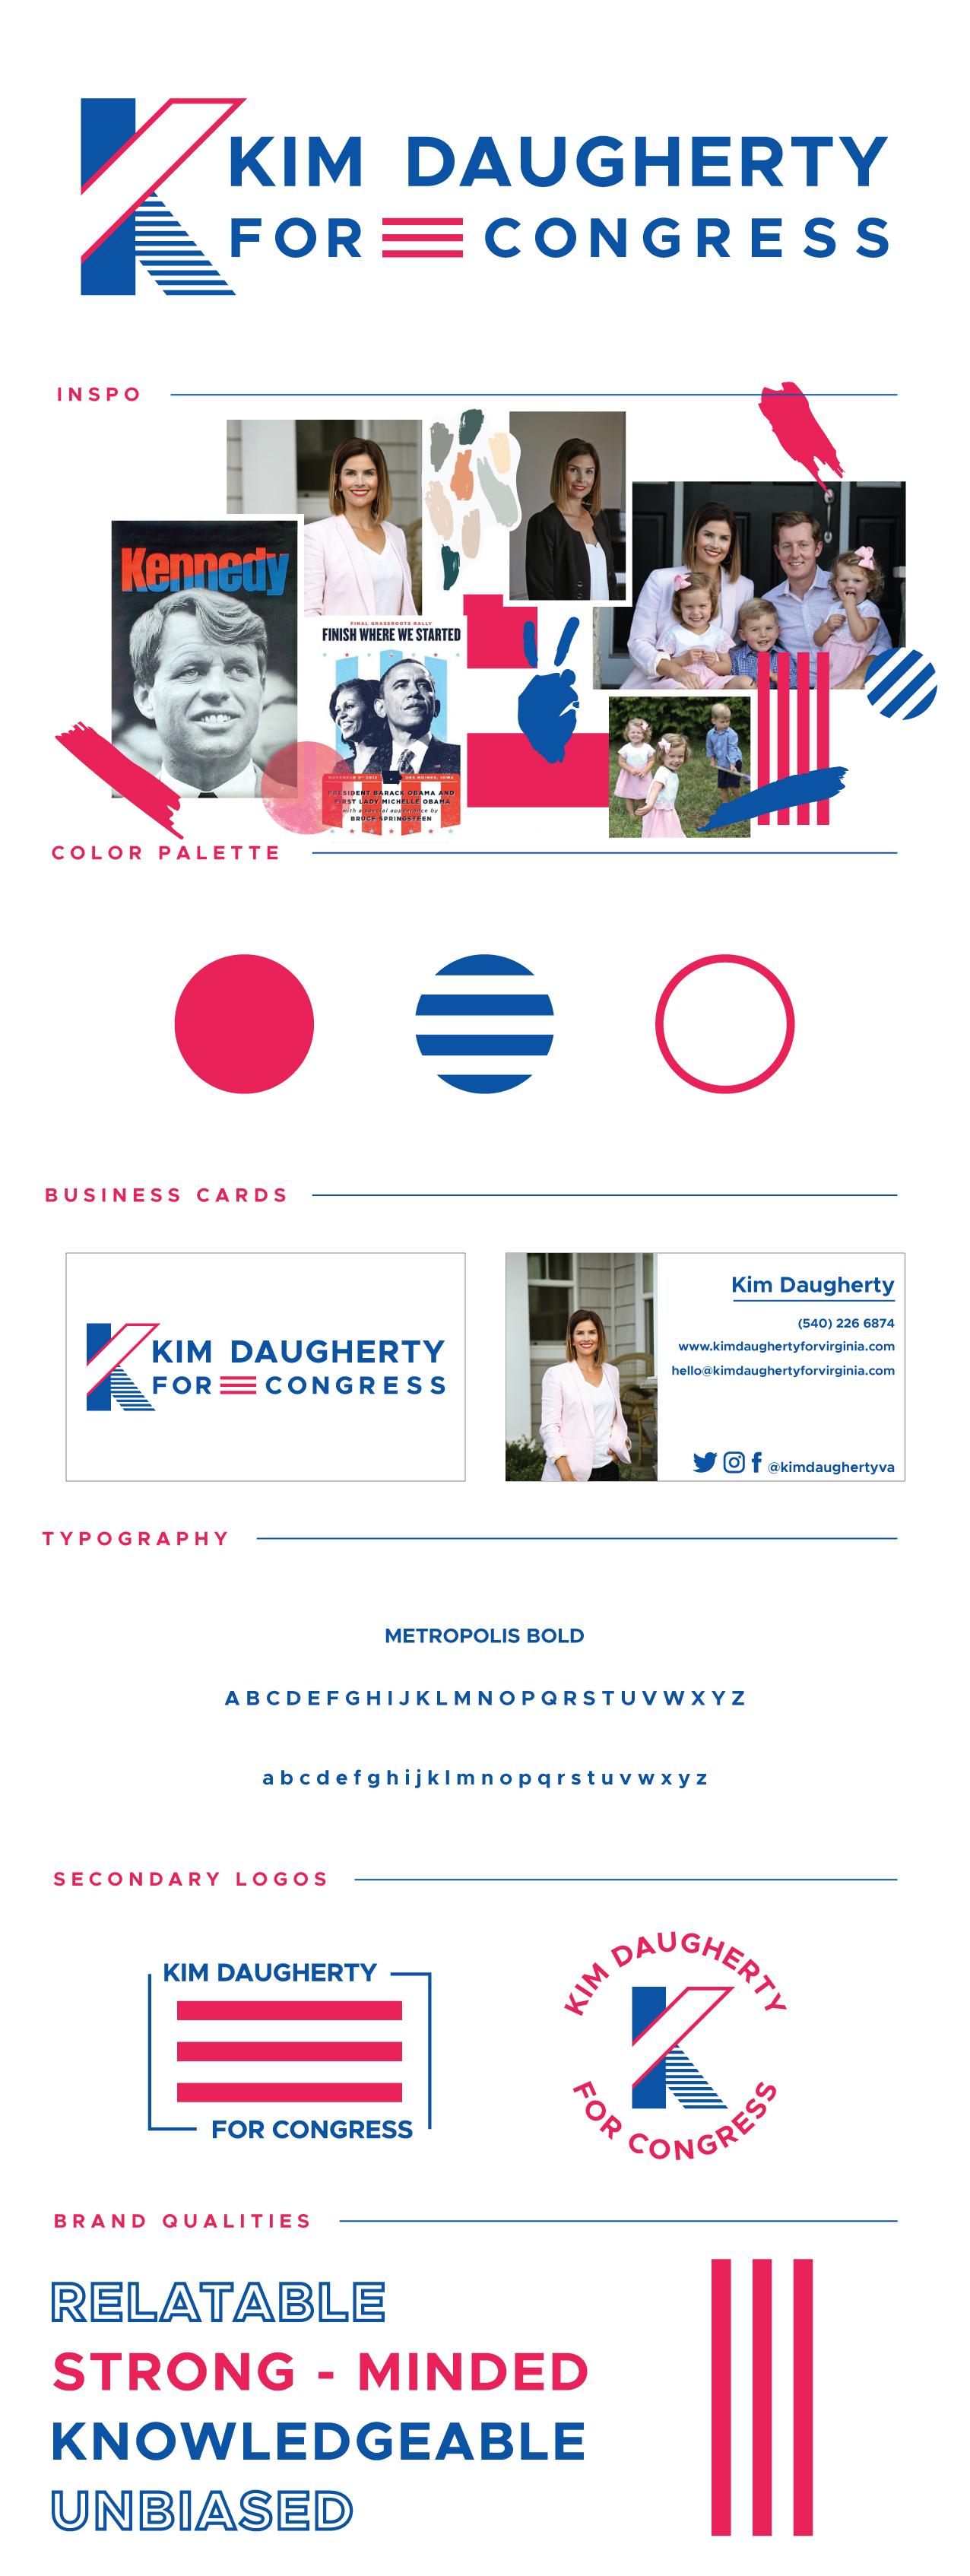 Kim Daugherty For Congress Brand Guide #branding #logodesign #politicalbrand #politicallogo